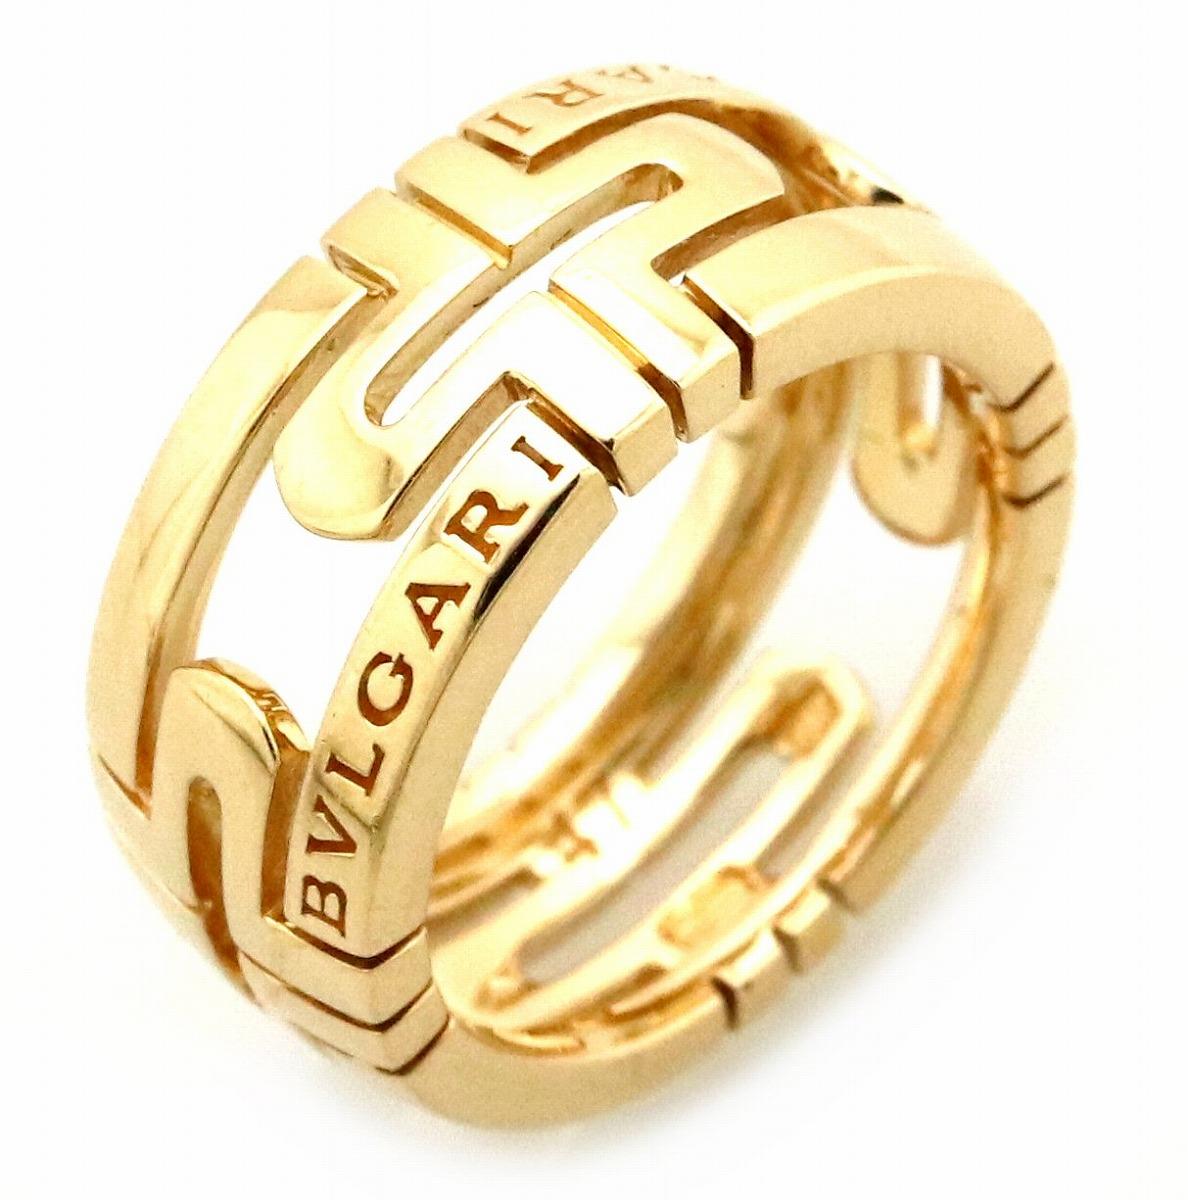 【ジュエリー】【新品仕上げ済】BVLGARI ブルガリ パレンテシリング 指輪 K18YG イエローゴールド #47 7号 AN855211 【中古】